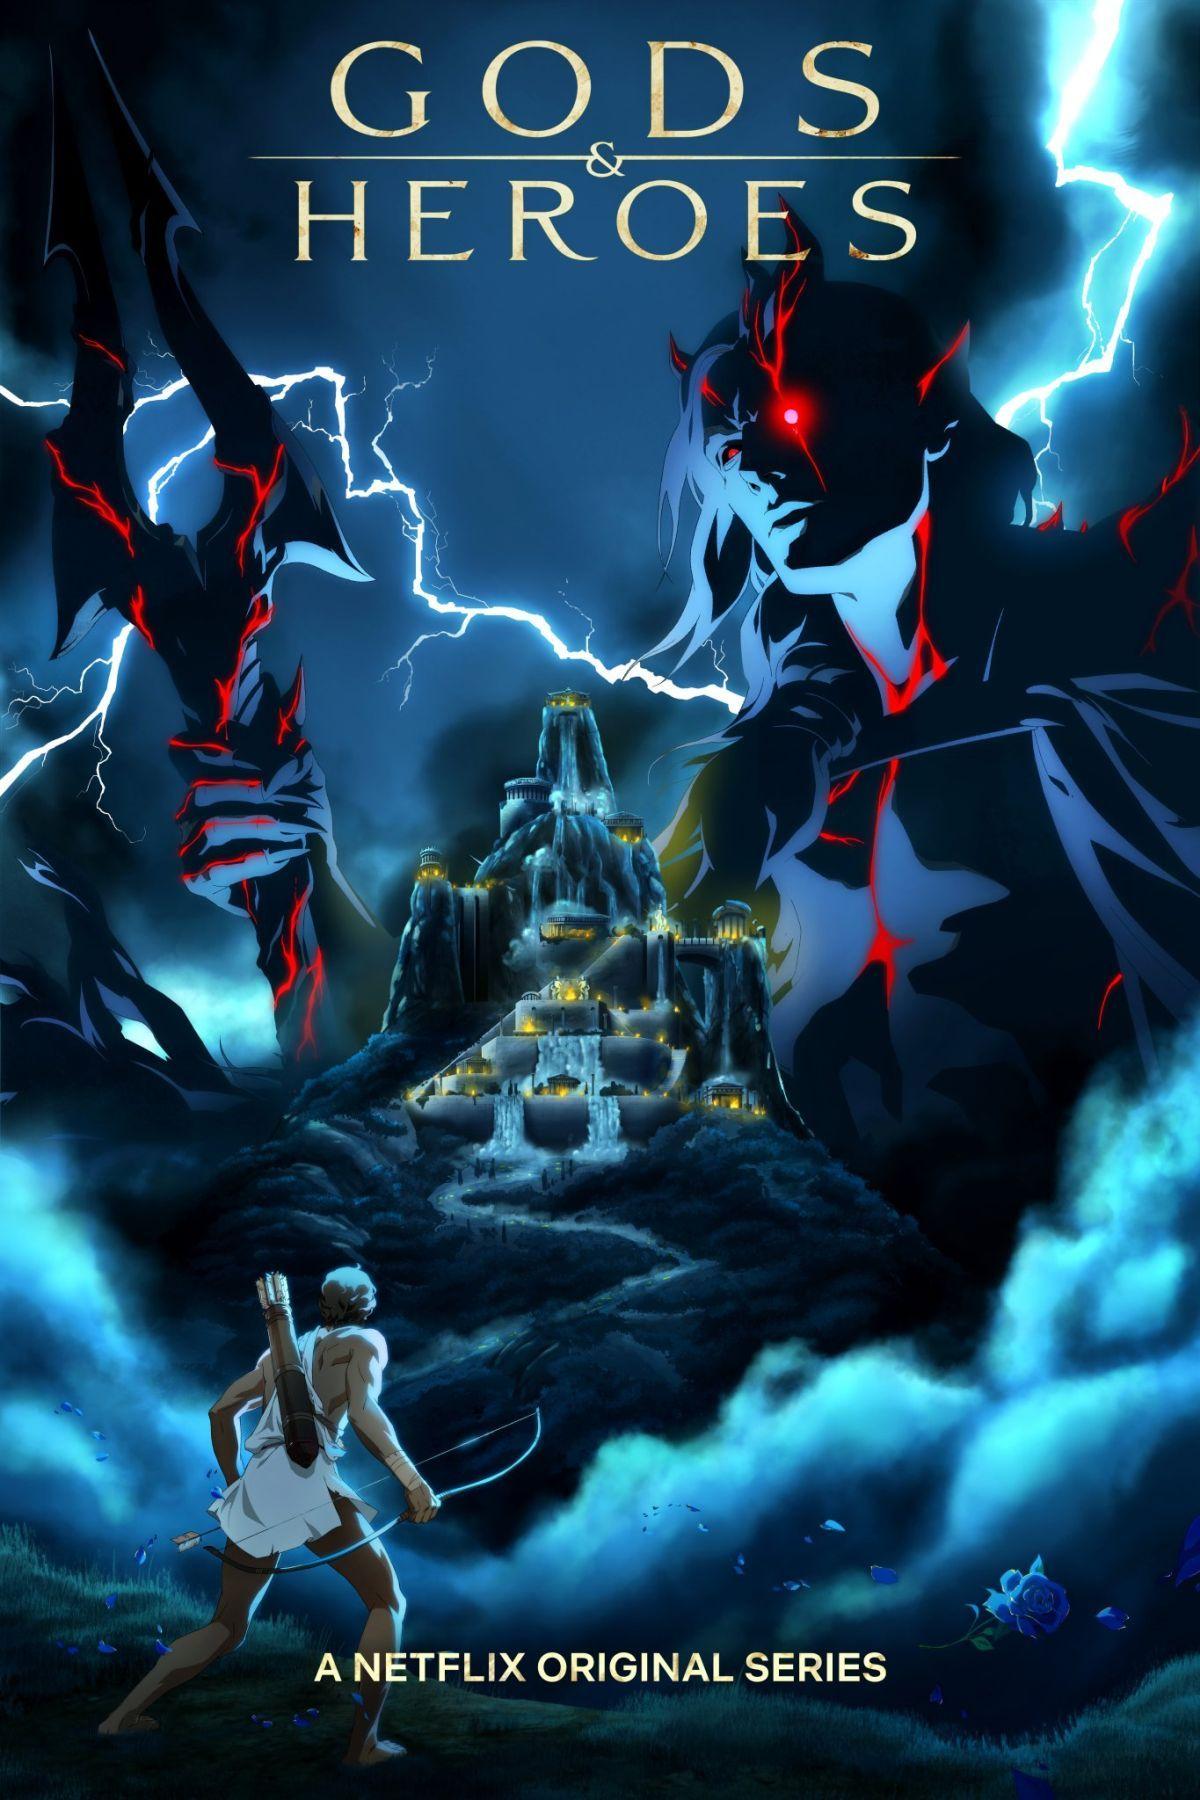 Estúdio de Castlevania ira produzir uma nova série animada